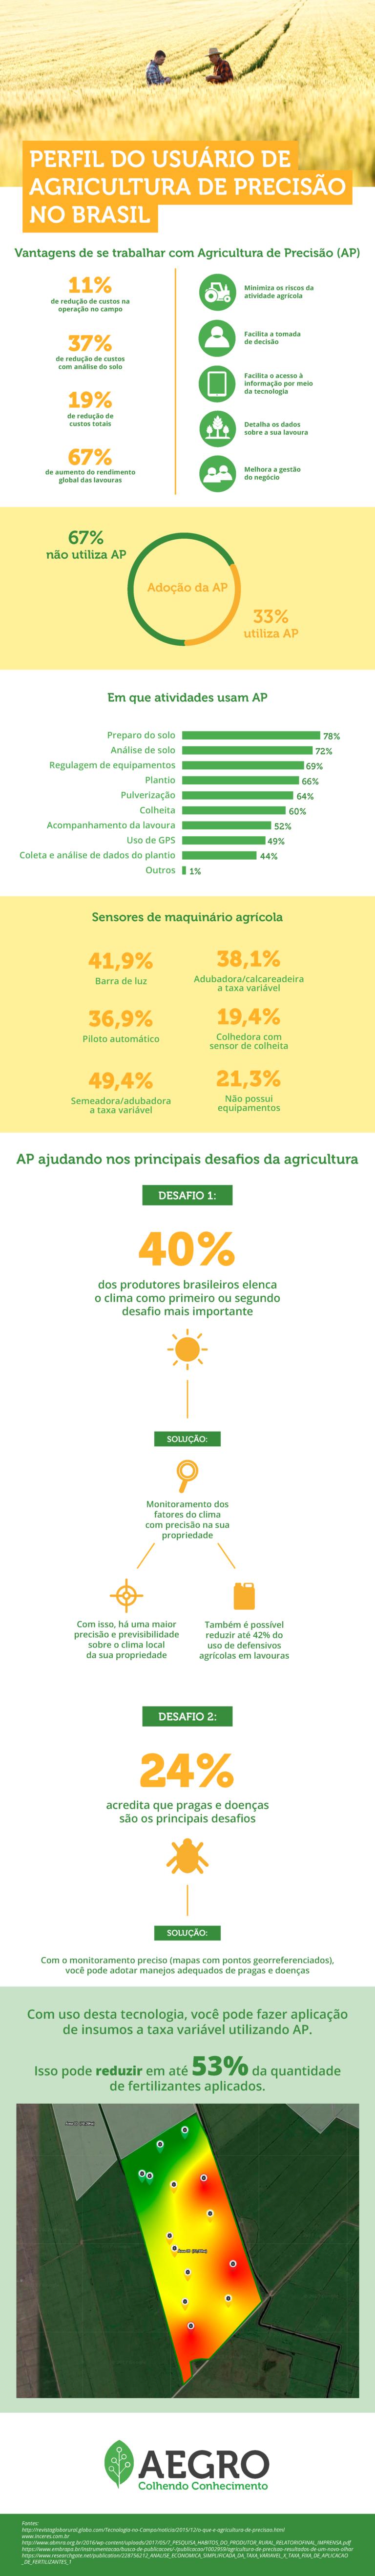 Agricultura de precisão: Perfil do usuário de AP no Brasil - Infográfico